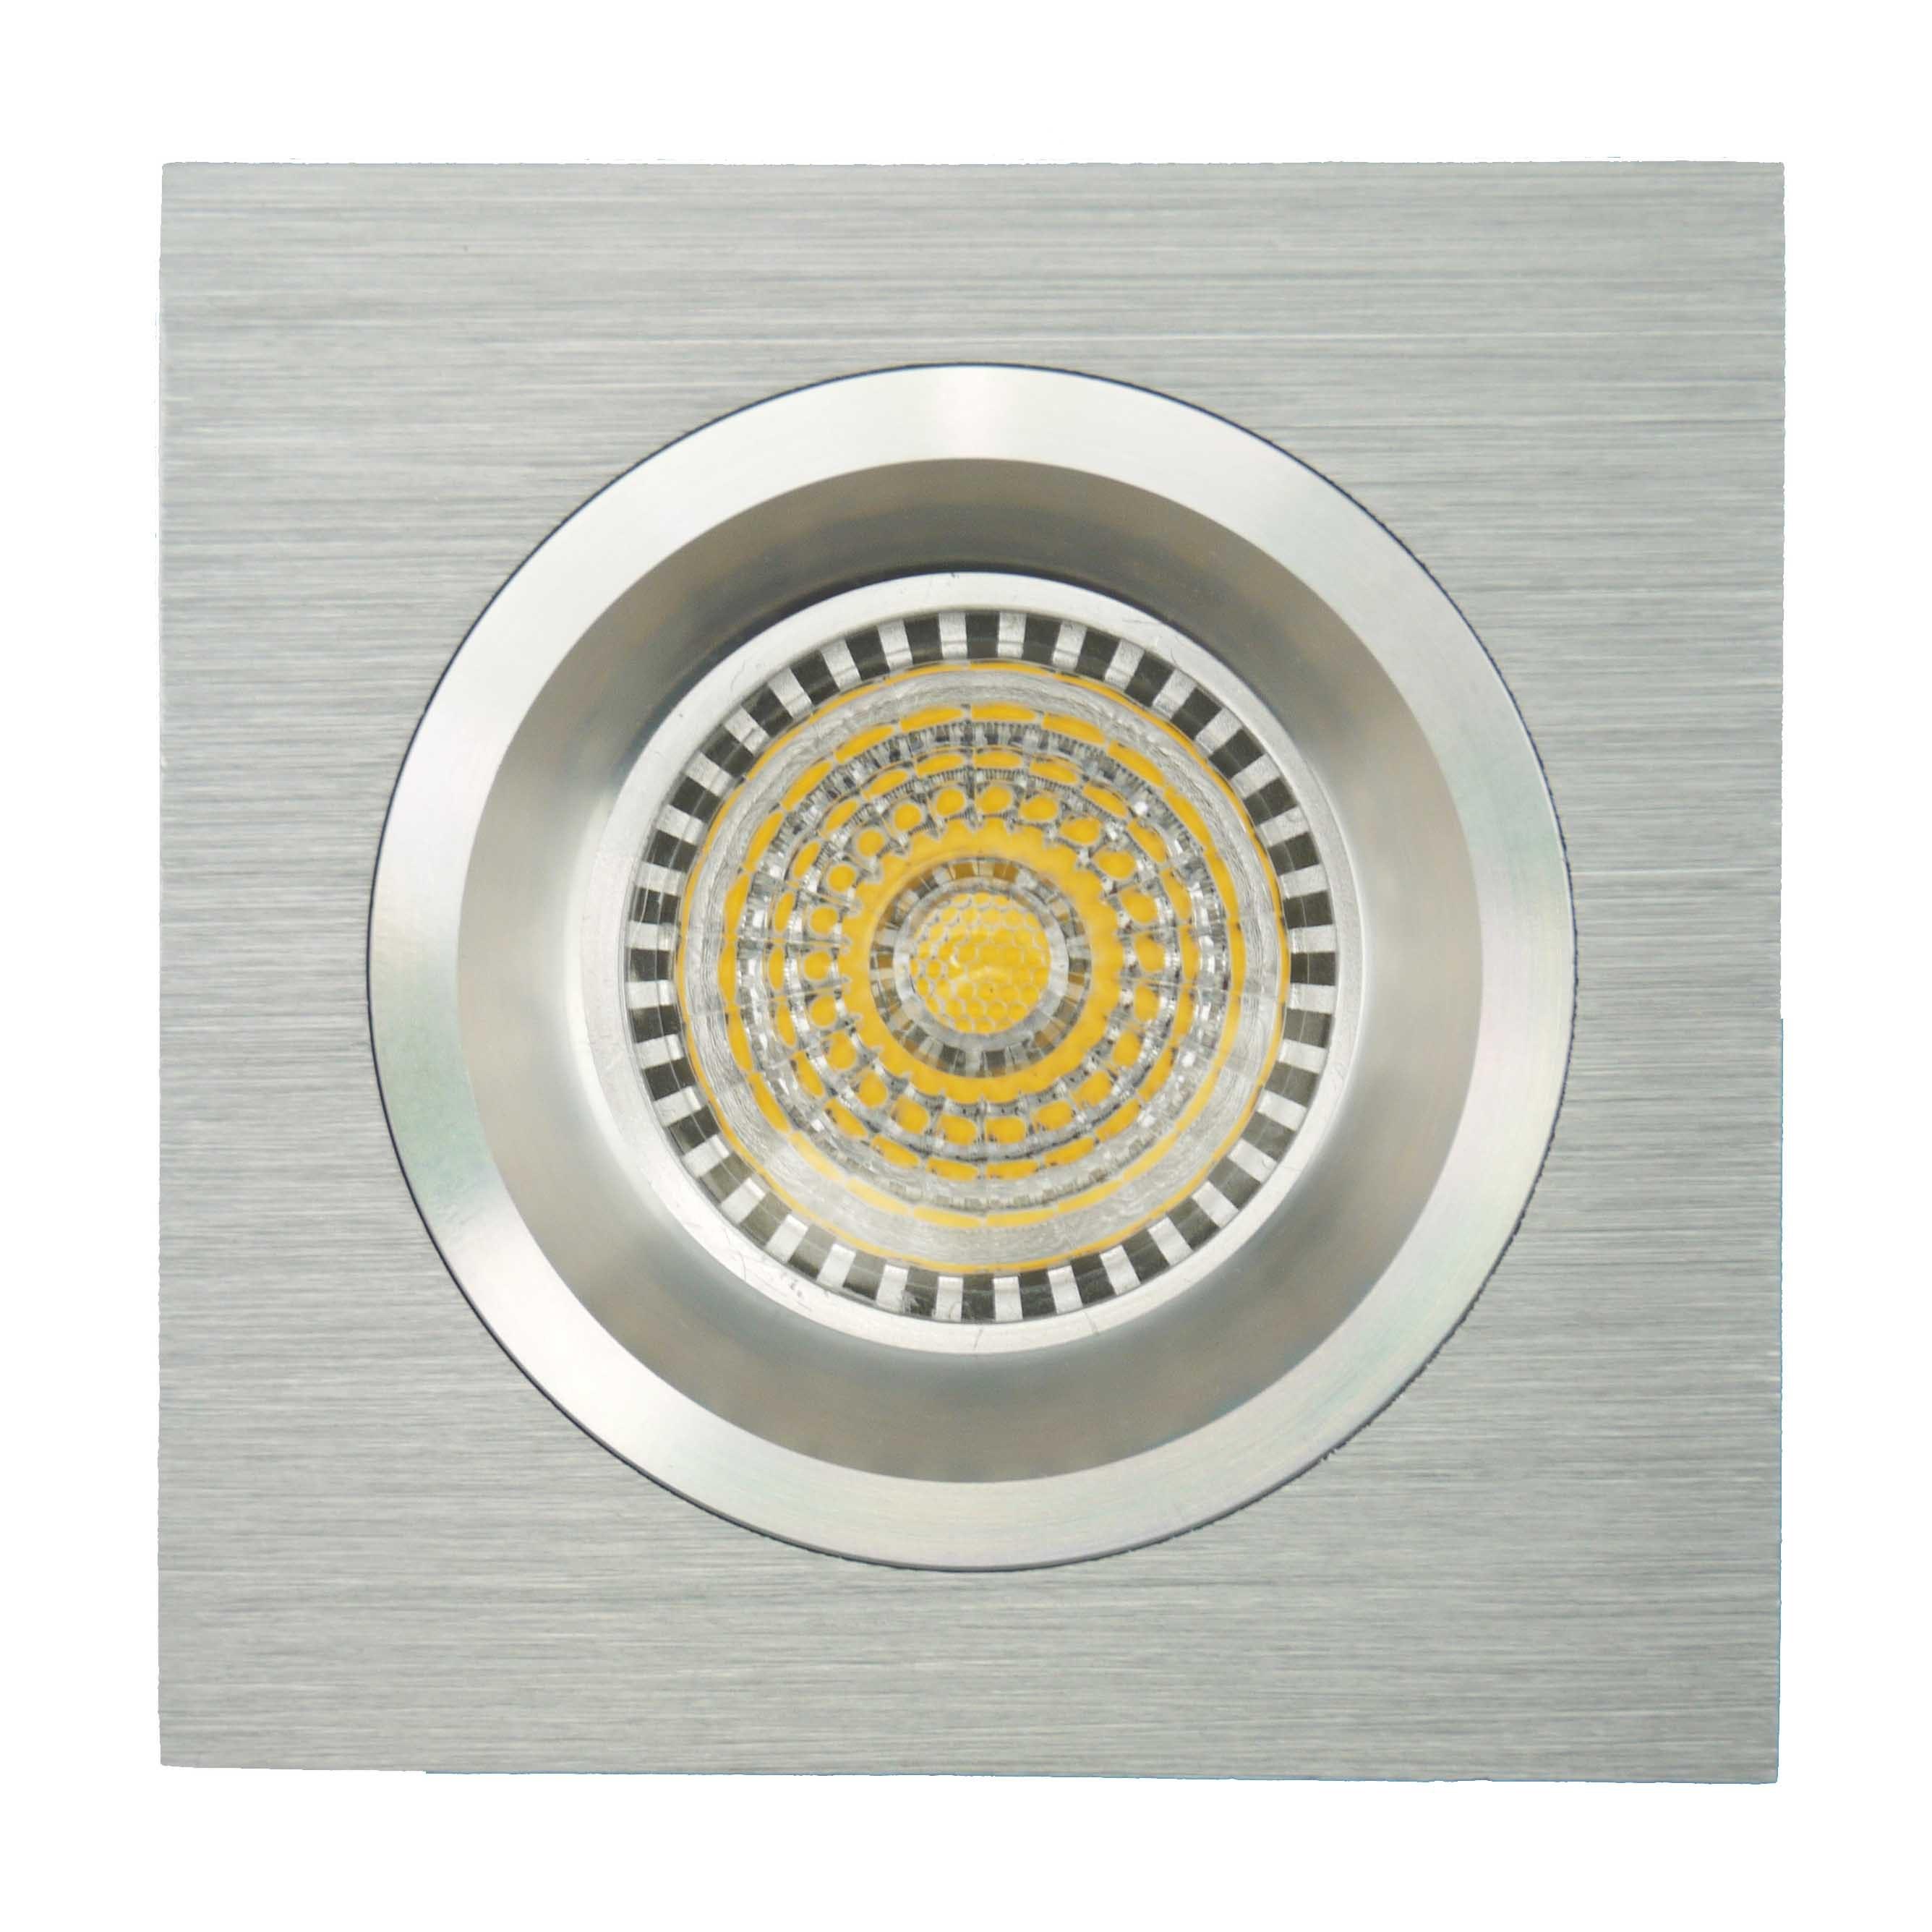 Lathe Aluminum GU10 MR16 Square Fixed Recessed LED Spotlight (LT2109)